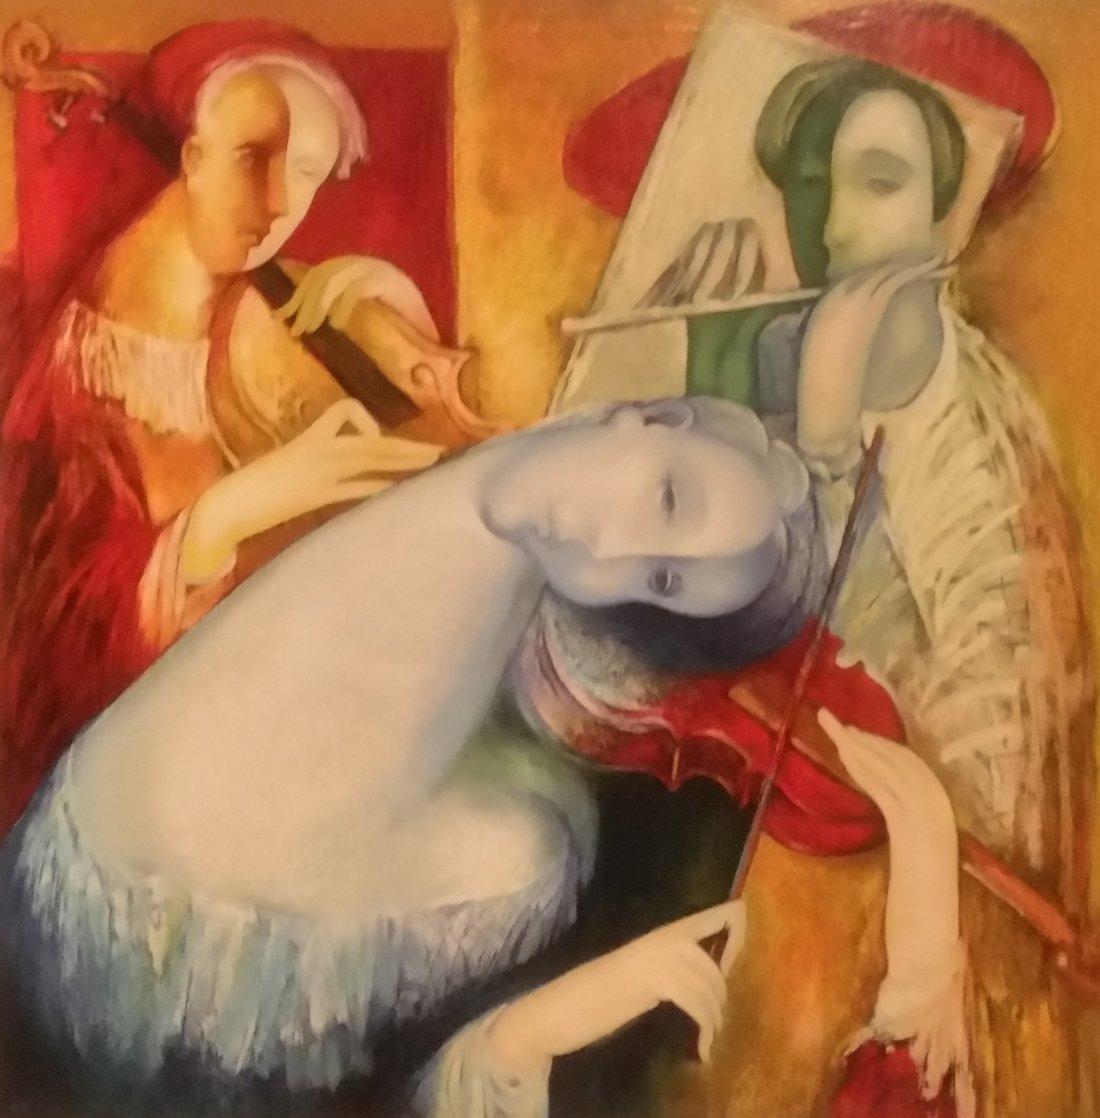 Tune of My Soul 2006 HS Limited Edition Print by Gevorg Yeghiazarian